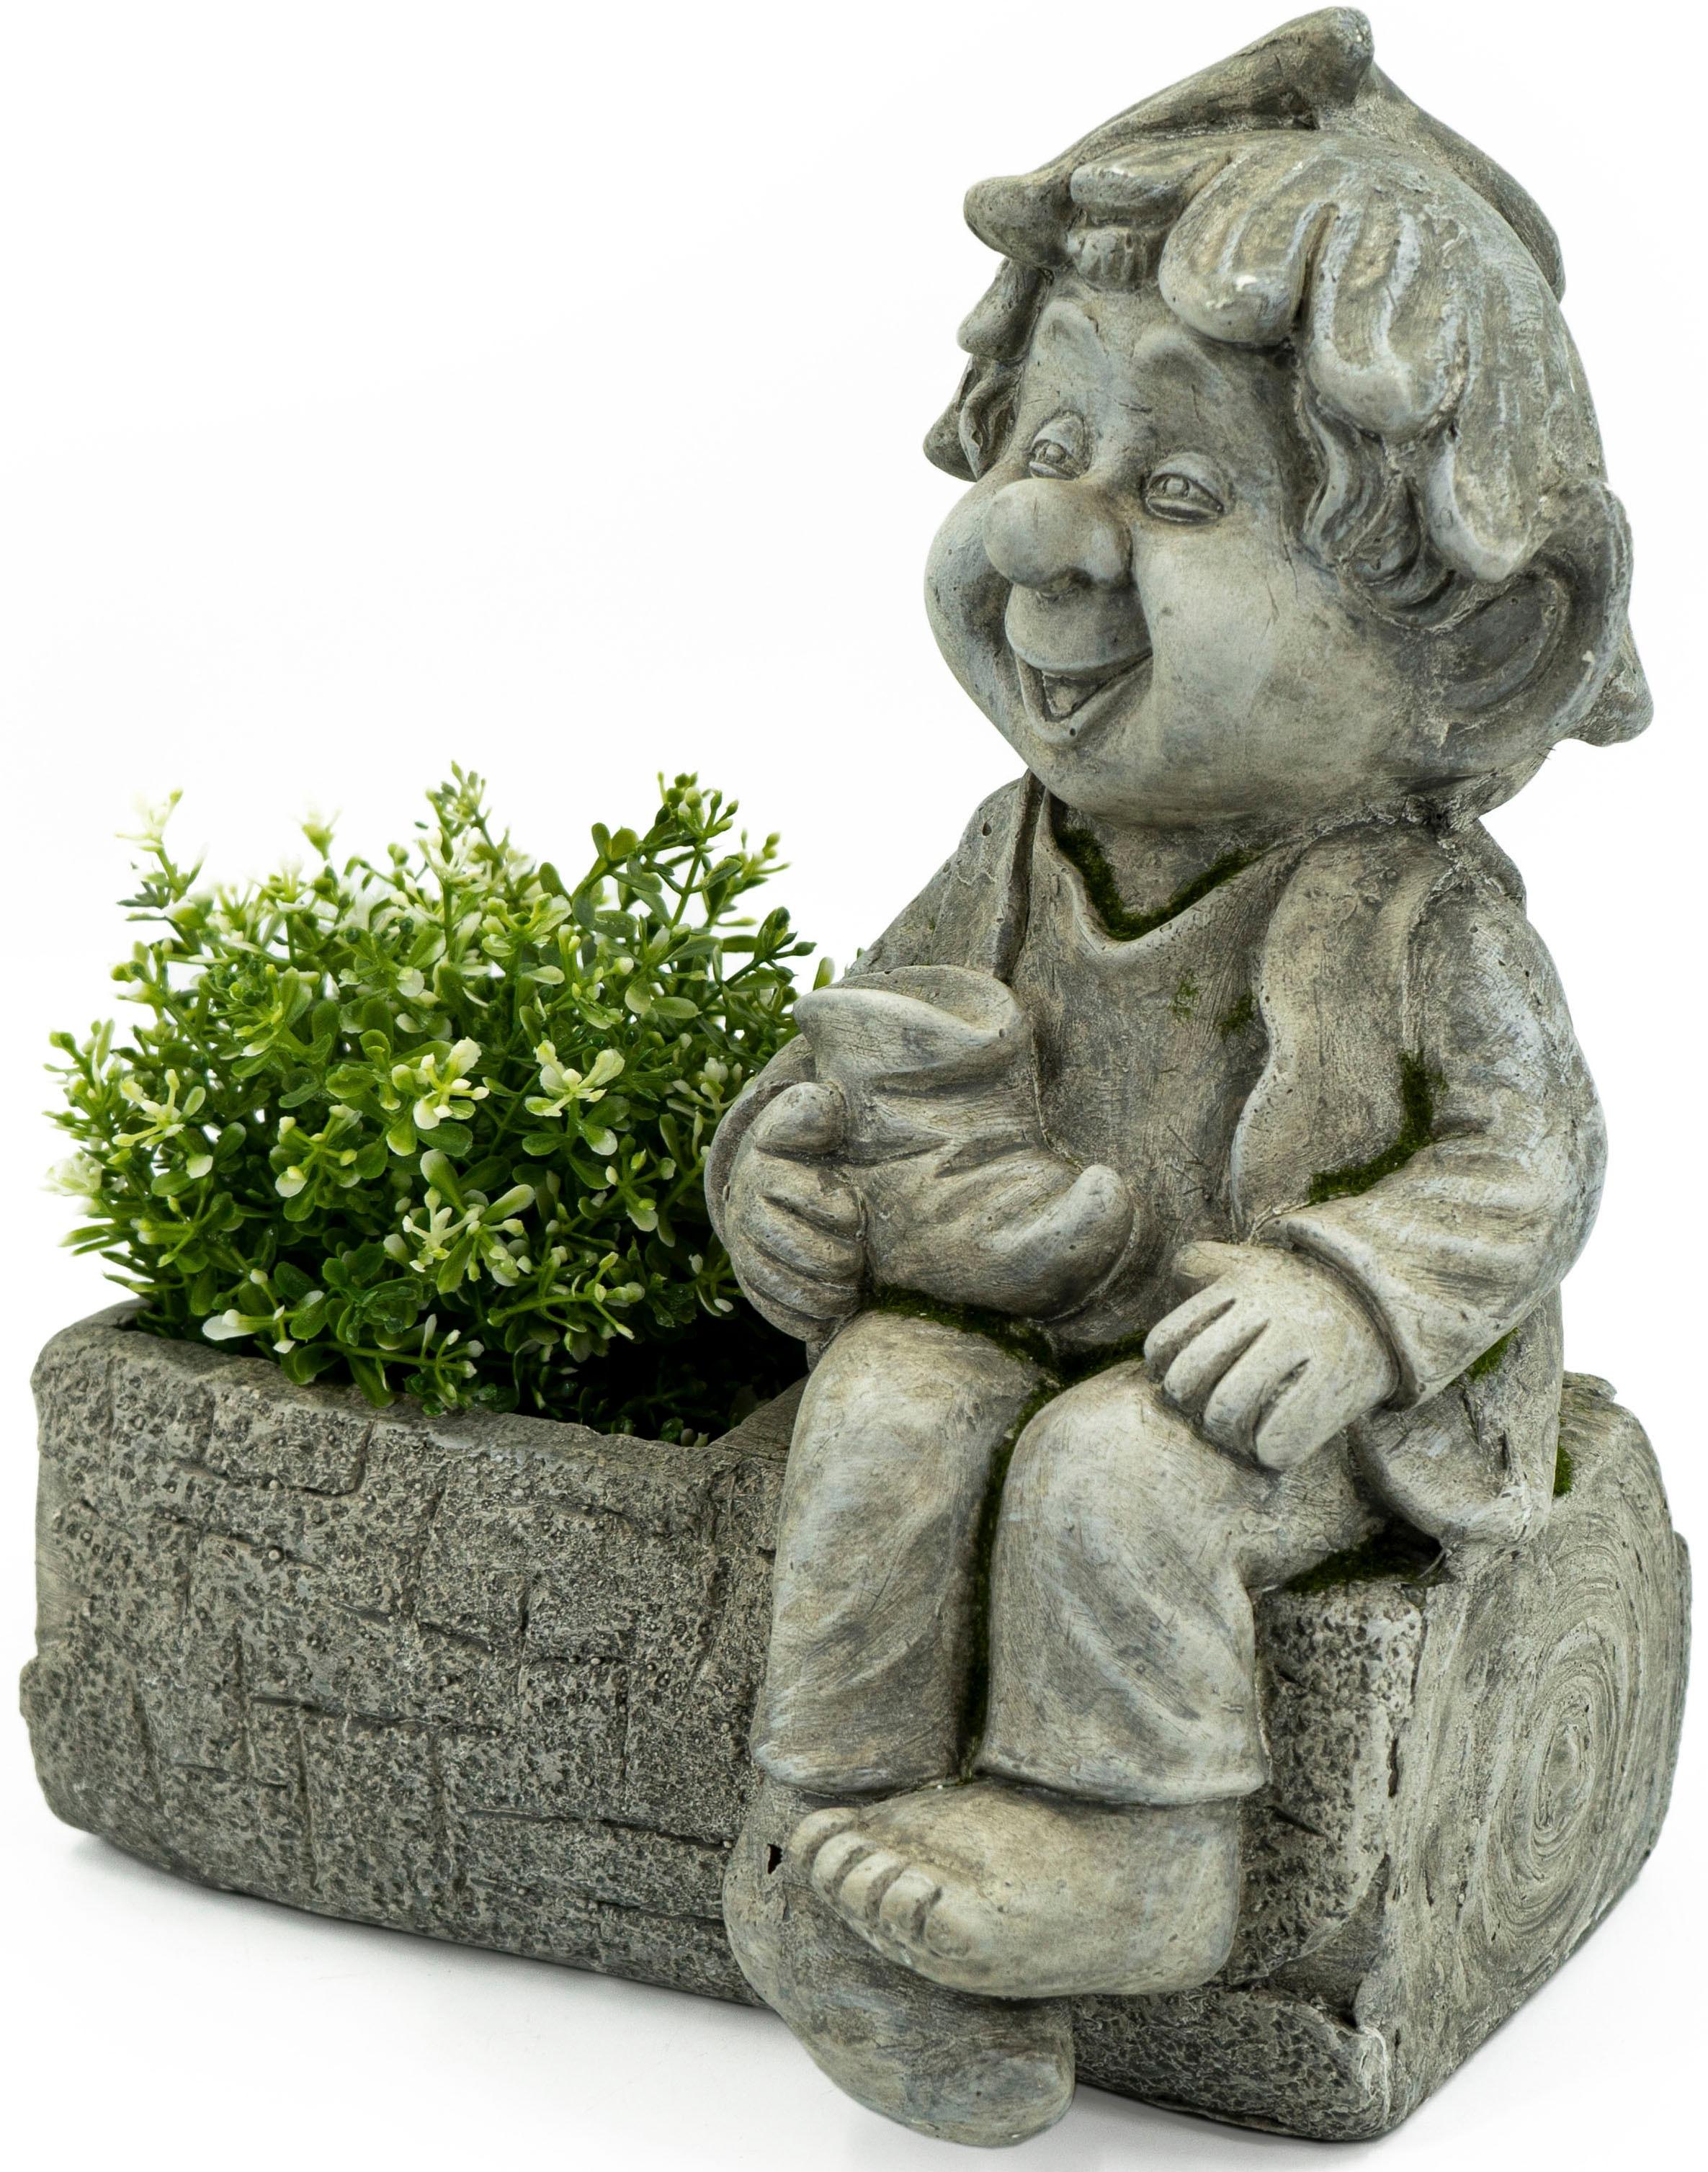 NOOR LIVING Gartenfigur Pflanztopf mit Gnom grau Gartenfiguren Gartendekoration Gartenmöbel Gartendeko